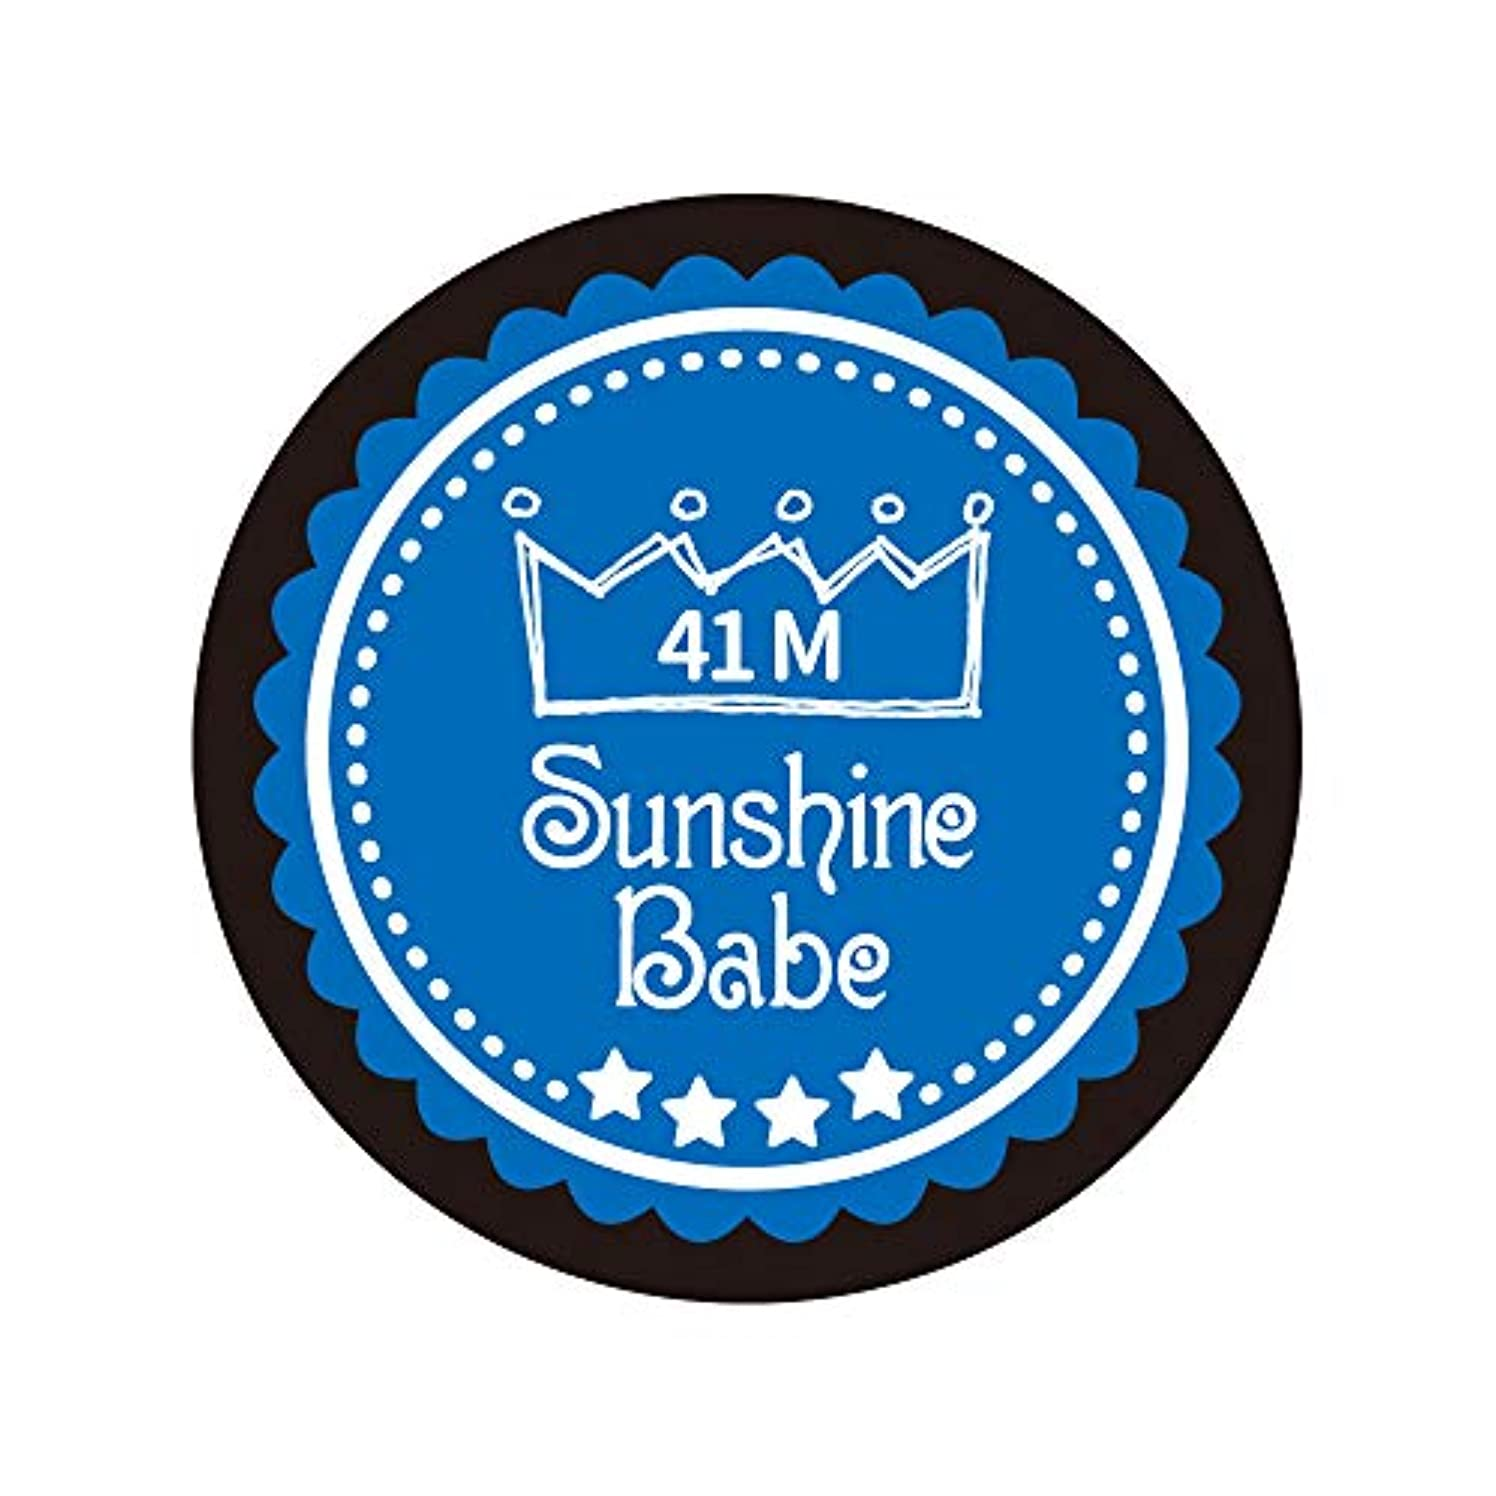 有効の配列測定可能Sunshine Babe カラージェル 41M ネブラスブルー 2.7g UV/LED対応